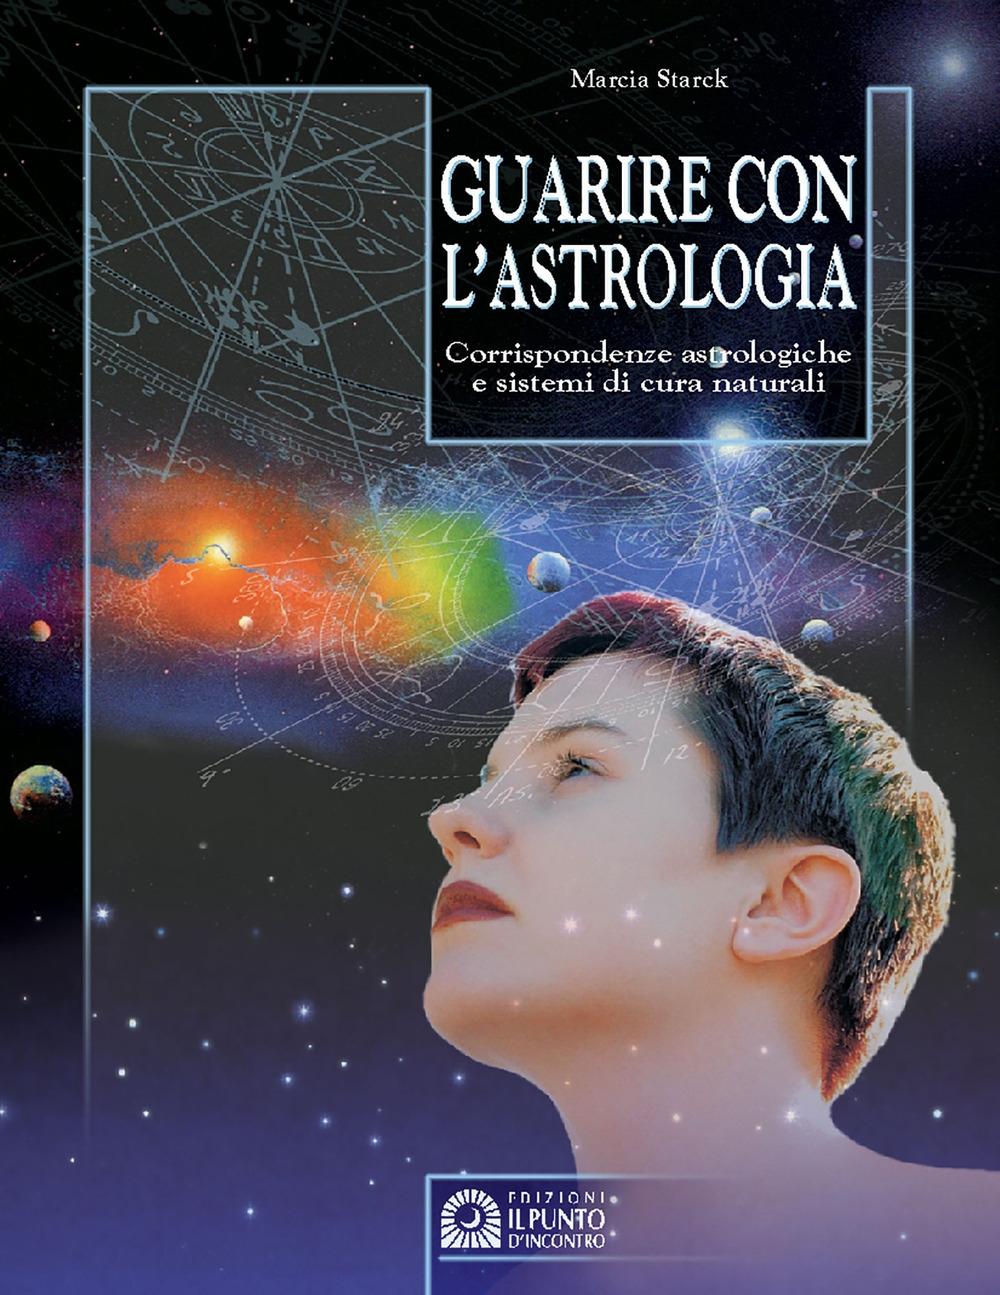 Guarire con l'astrologia. Corrispondenze astrologiche e sistemi di cura naturali